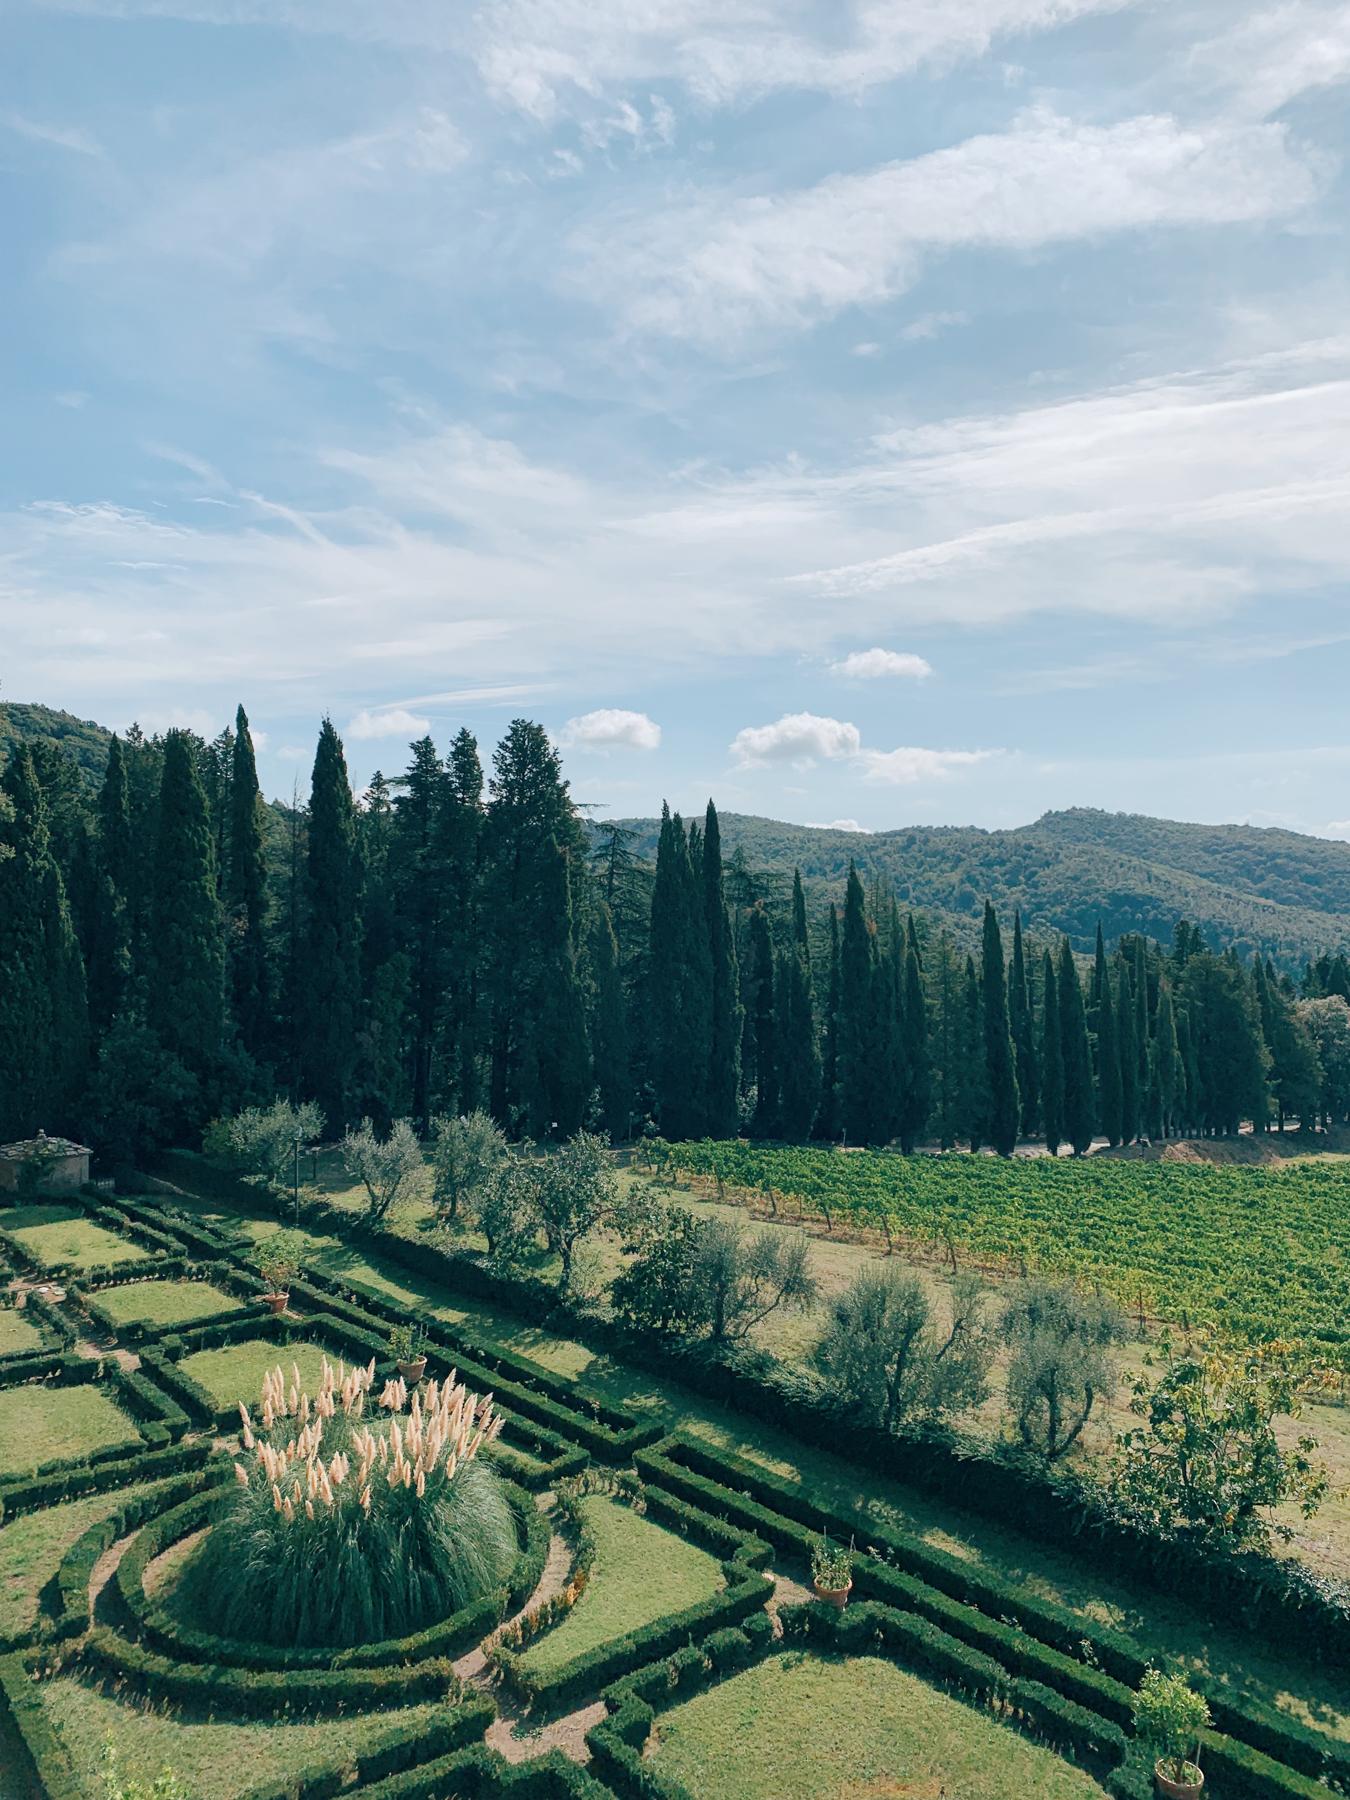 View of the gardens at Castello di Brolio.